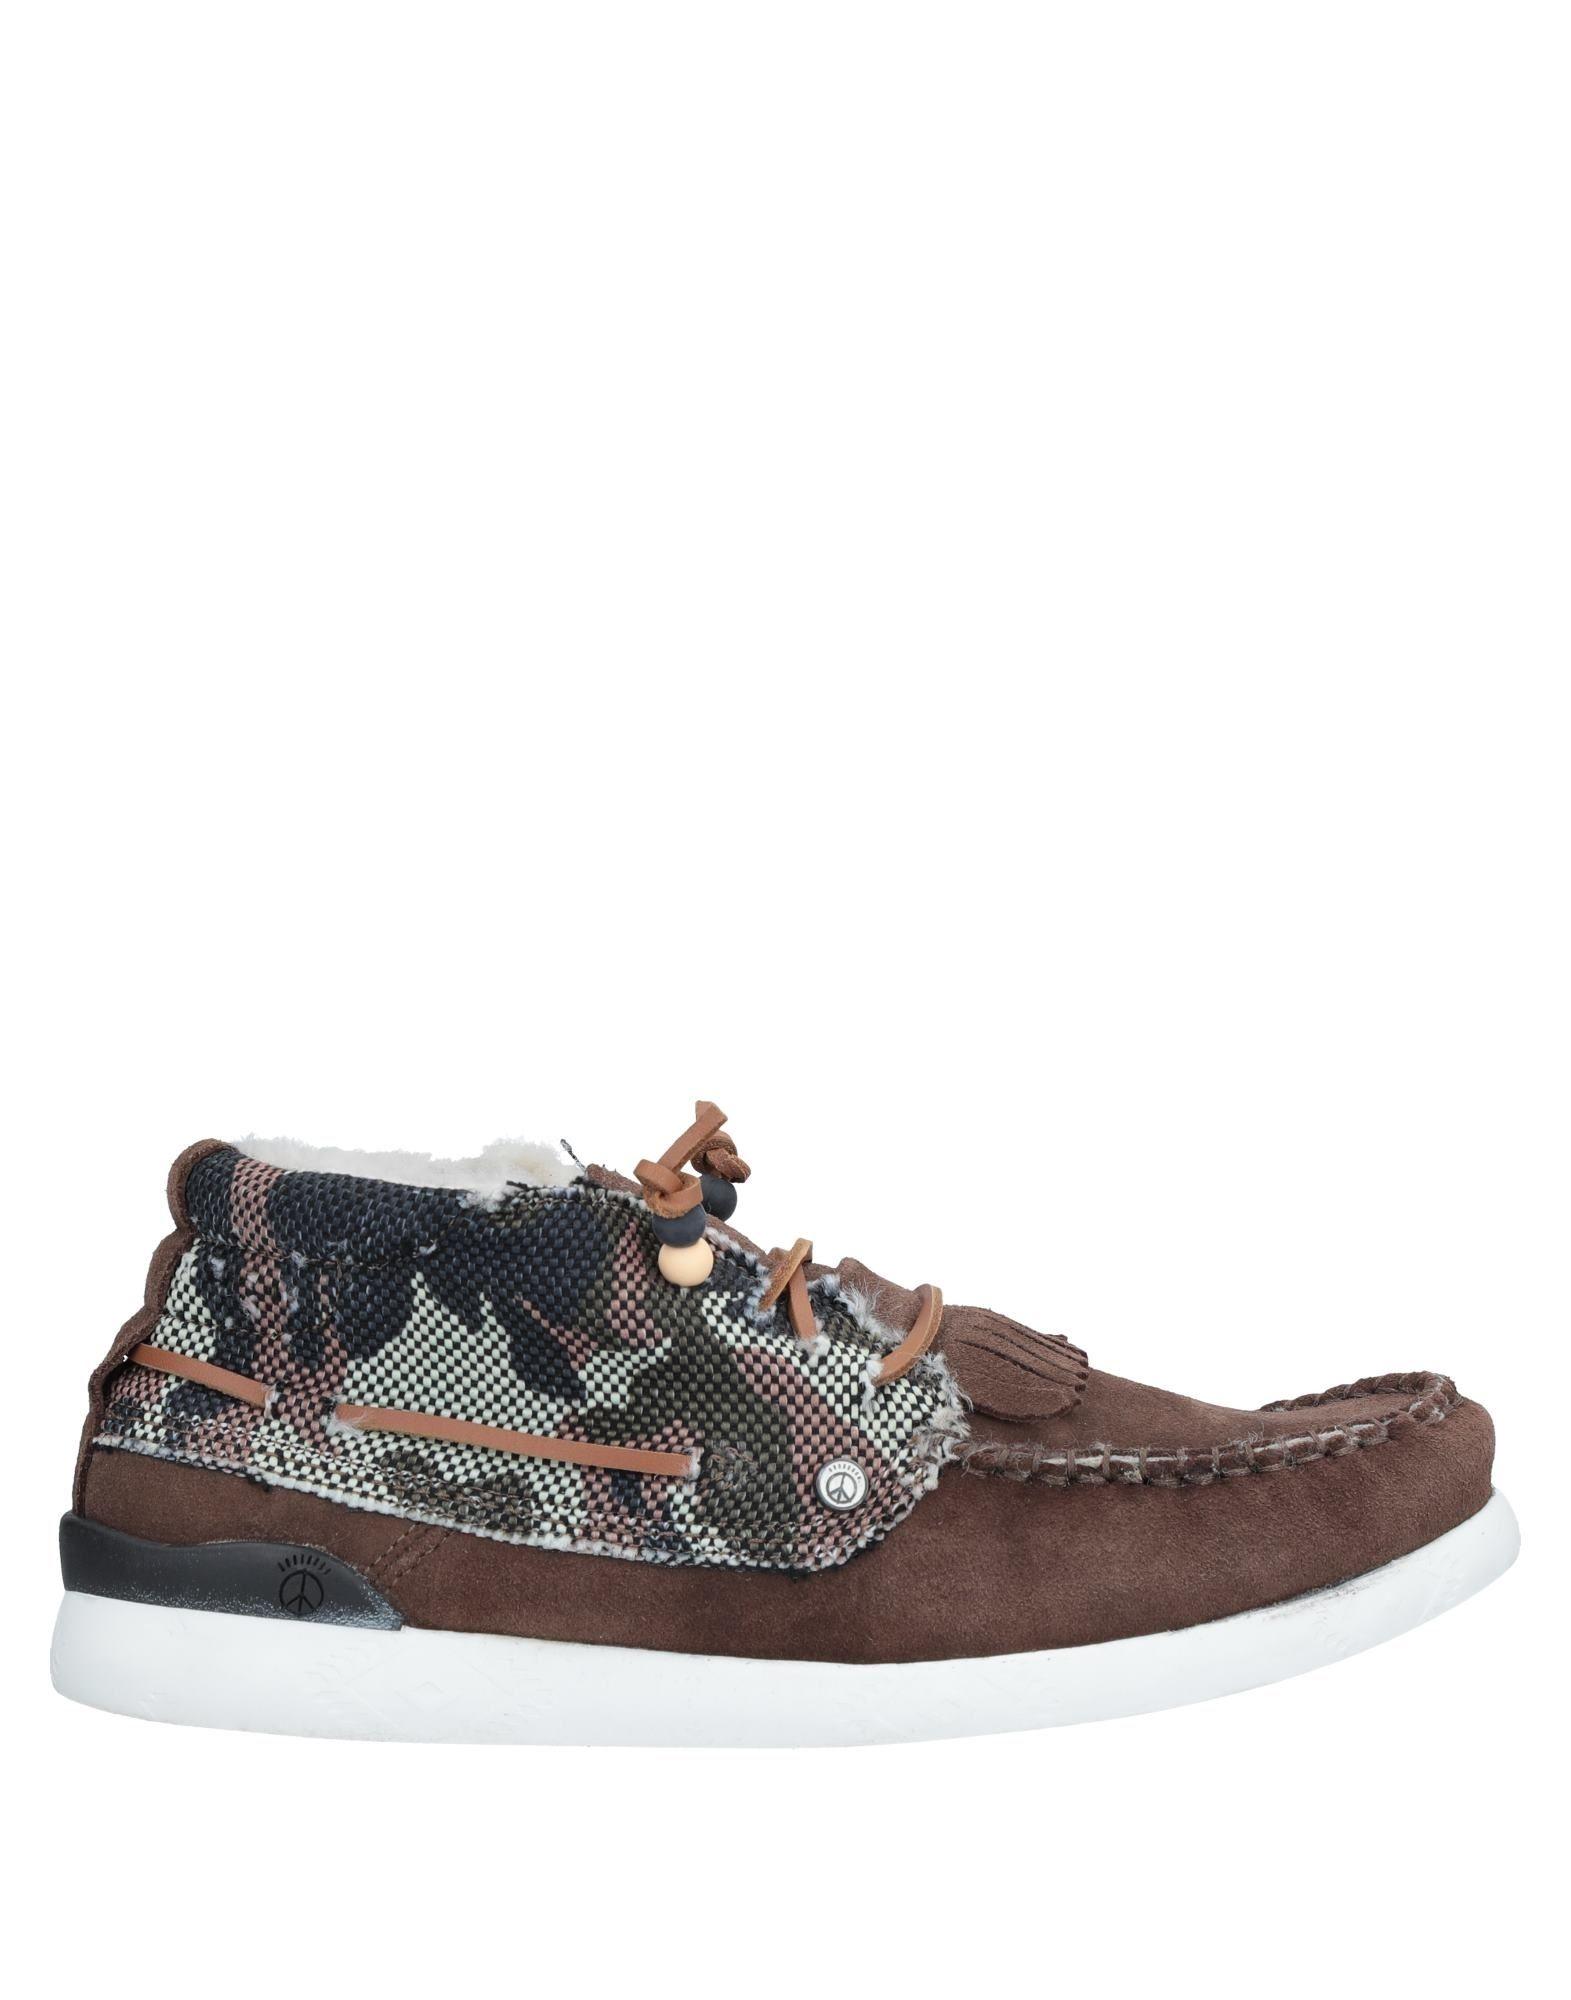 Dolfie Stiefelette Damen  11527929AV Gute Qualität beliebte Schuhe